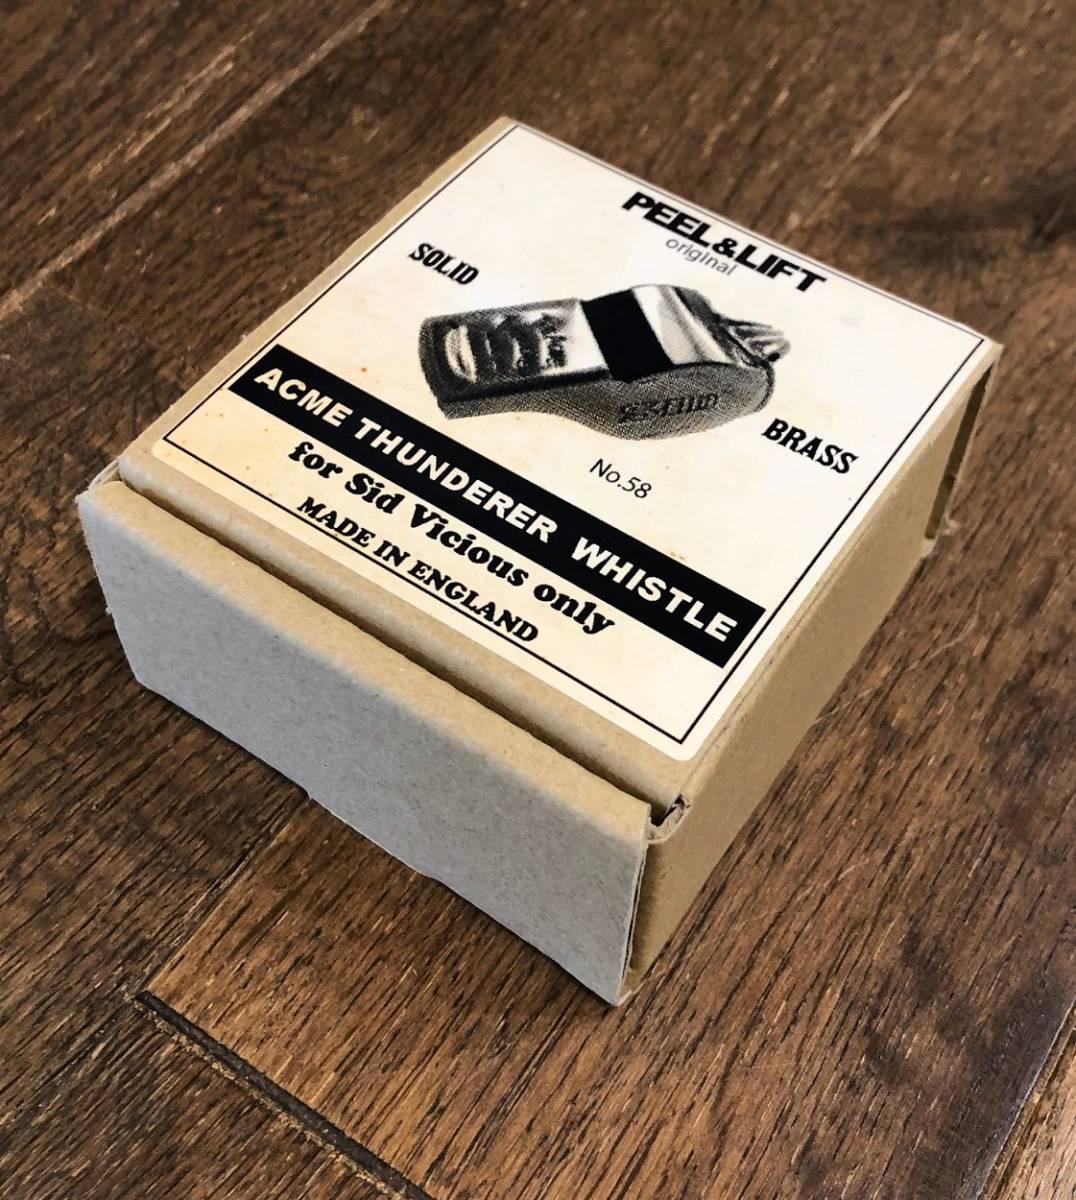 PEEL&LIFT Acme Thunderer Whistle ホイッスル ネックレス シド ヴィシャス _画像7